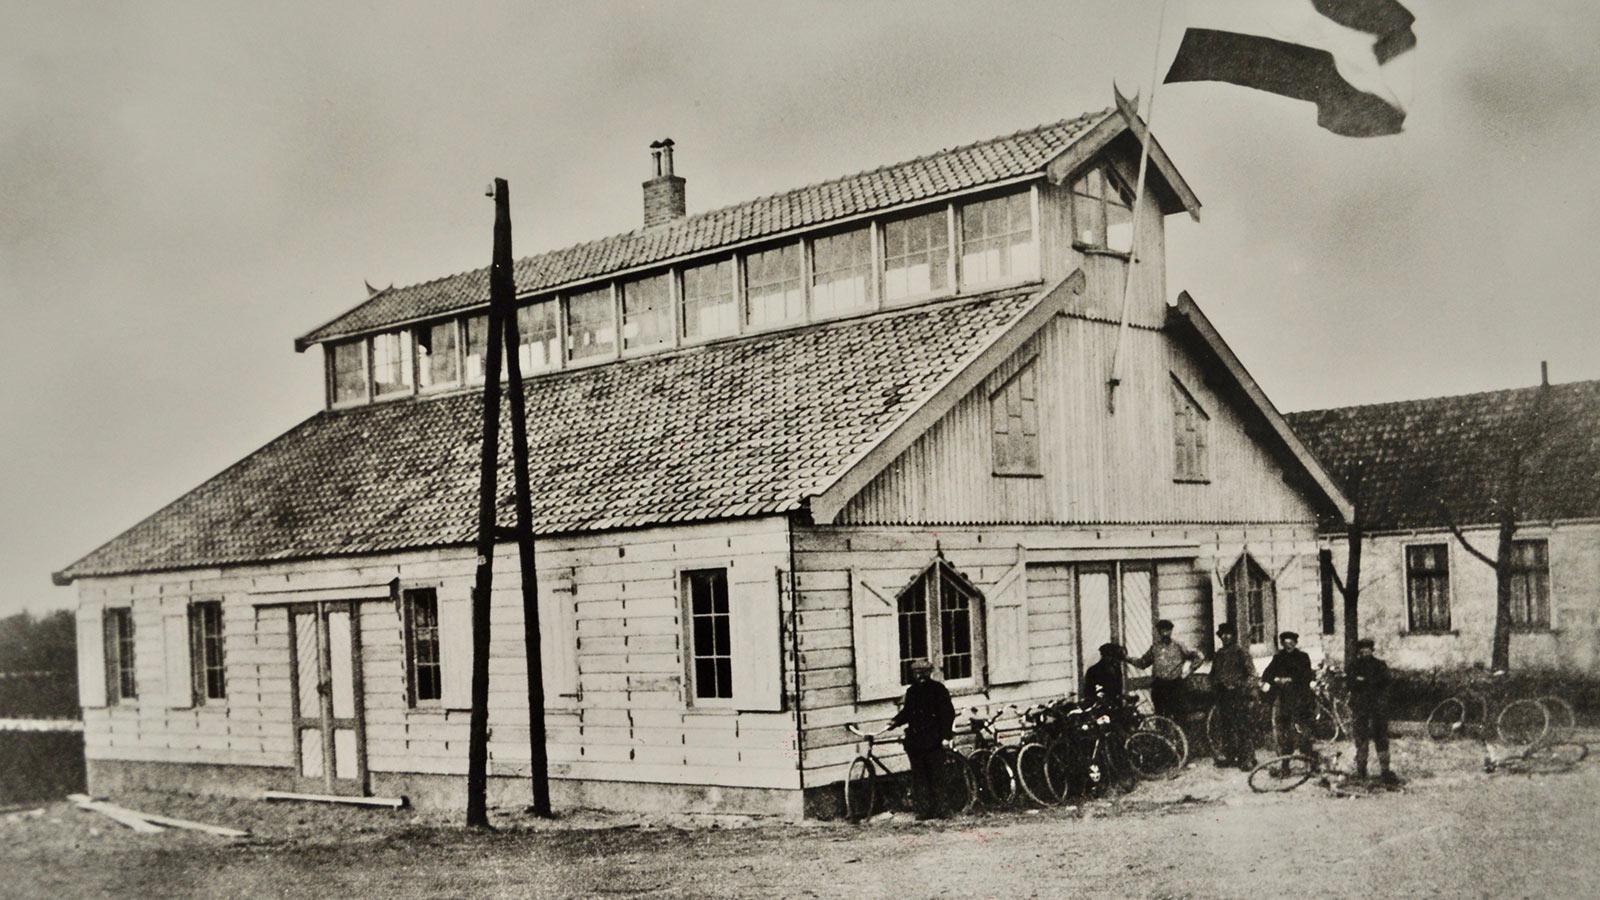 Historische Tuin Aalsmeer - Beleef - Eerste veilinggebouw werd in april 1912 in gebruik genomen